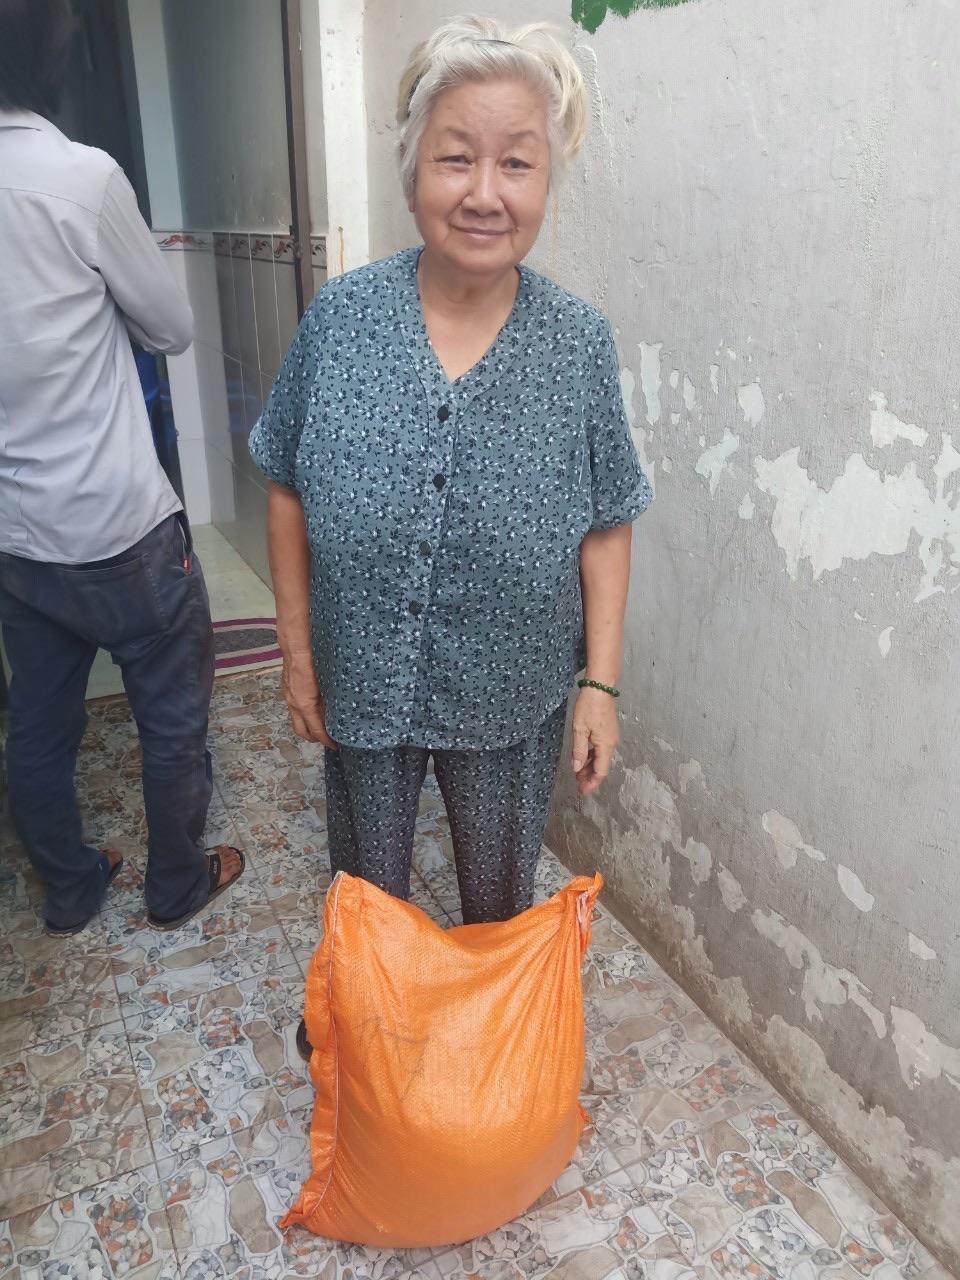 Cô Tuyết cho biết từ khi con gái mình bị tai biến đã được chị em hội phụ nữ vận động mạnh thường quân hỗ trợ gạo và tiền mỗi tháng để gia đình vơi bớt nỗi lo cơm áo.